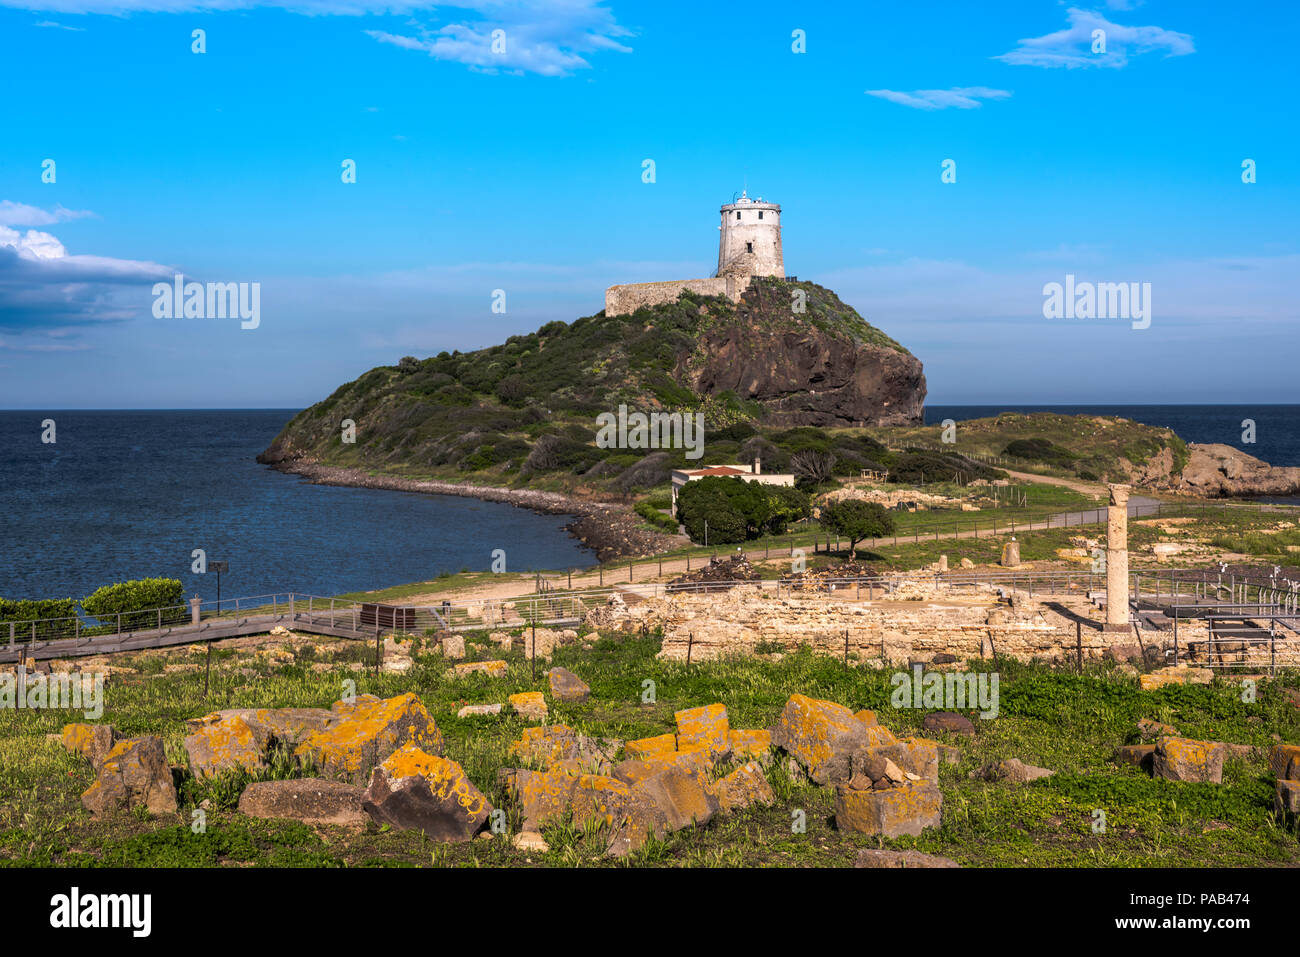 Antigua torre sobre una colina en el mar Mediterráneo con las ruinas de Tharros delante (Cerdeña, Italia) Foto de stock